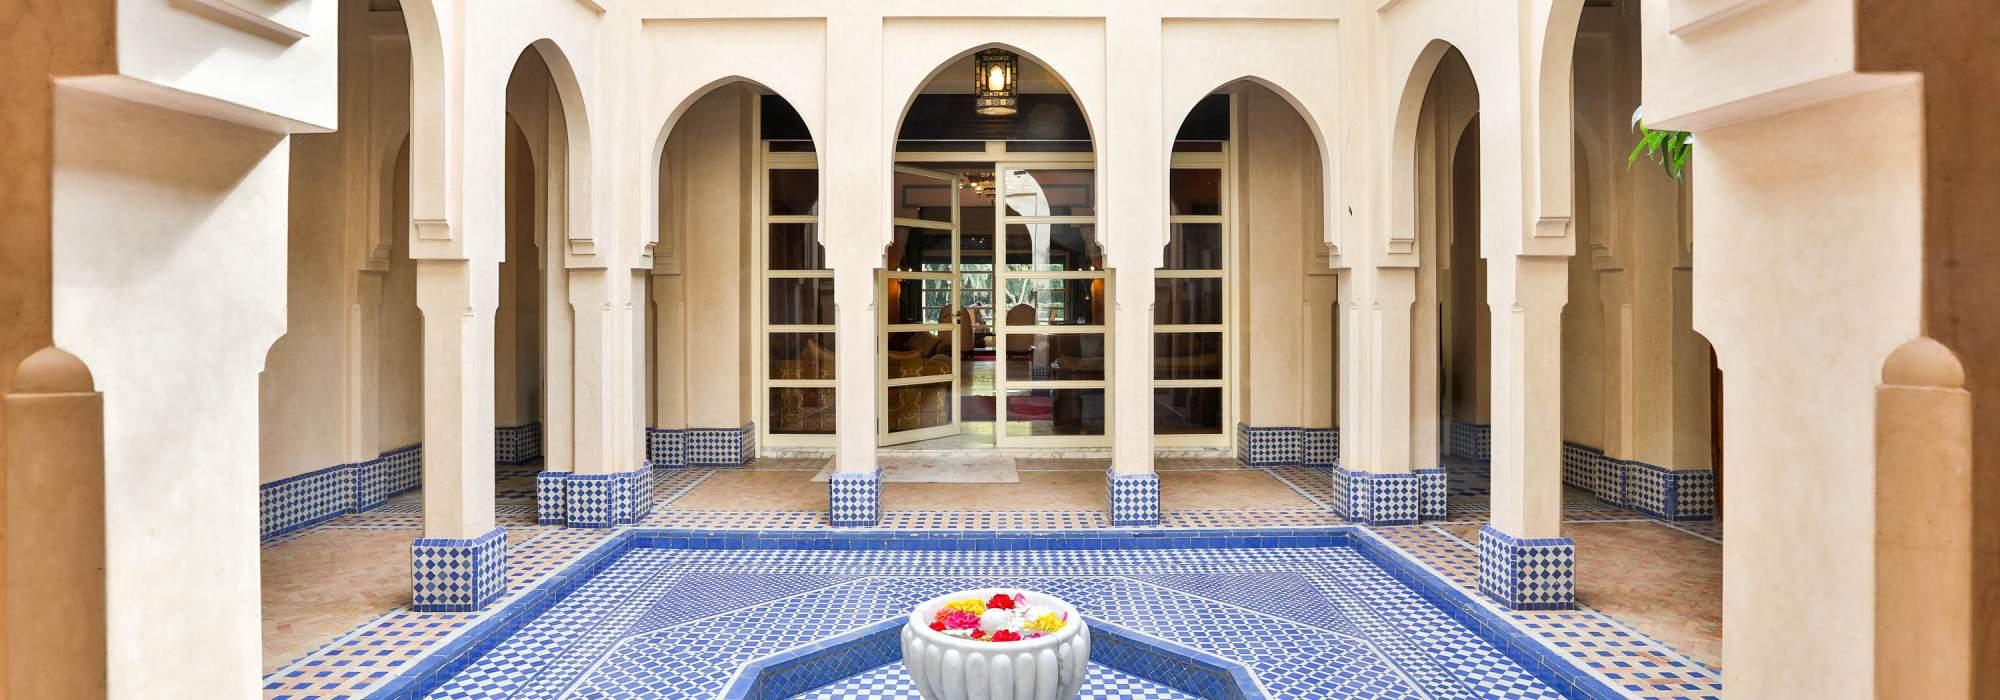 vente villa de style riad circuit  palmeraie marrakech